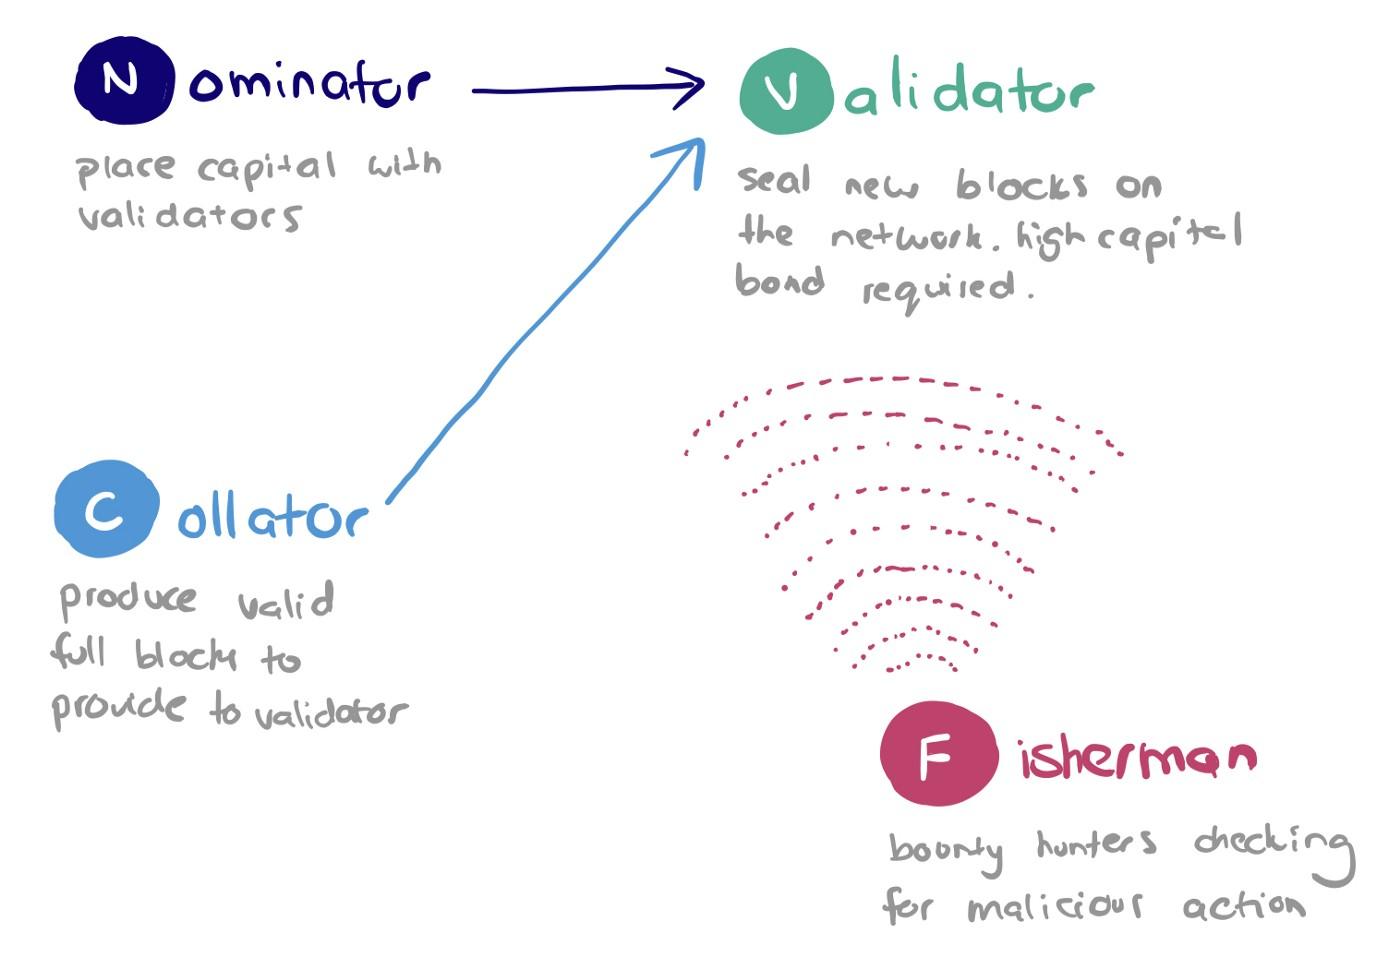 Совместимость блокчейнов: для чего она нужна и как ее добиться